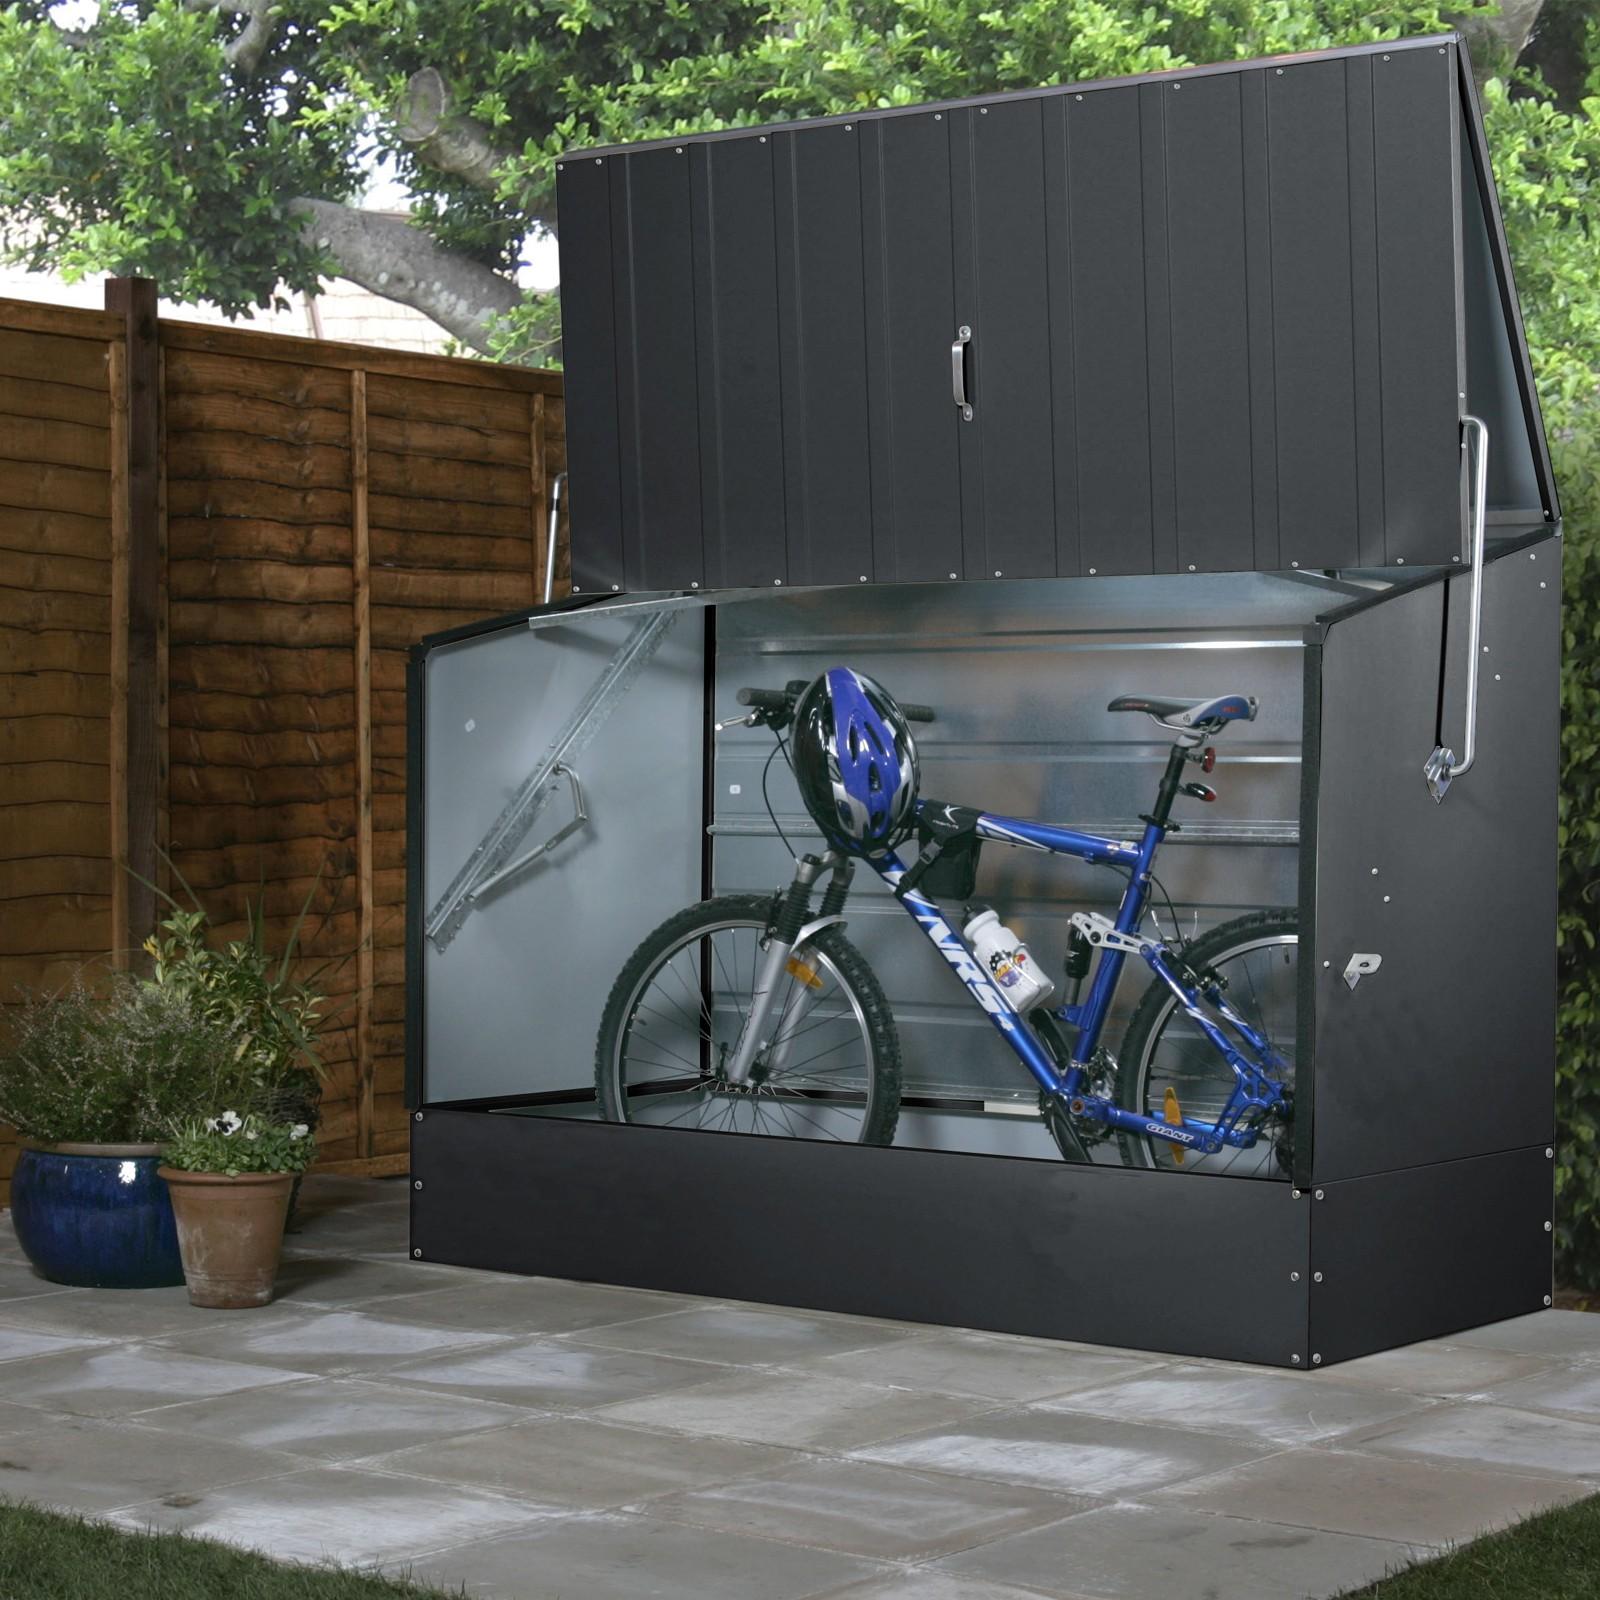 tepro fahrradbox fahrradgarage gartenbox aufbewahrungsbox 196x89x133cm anthrazit ebay. Black Bedroom Furniture Sets. Home Design Ideas